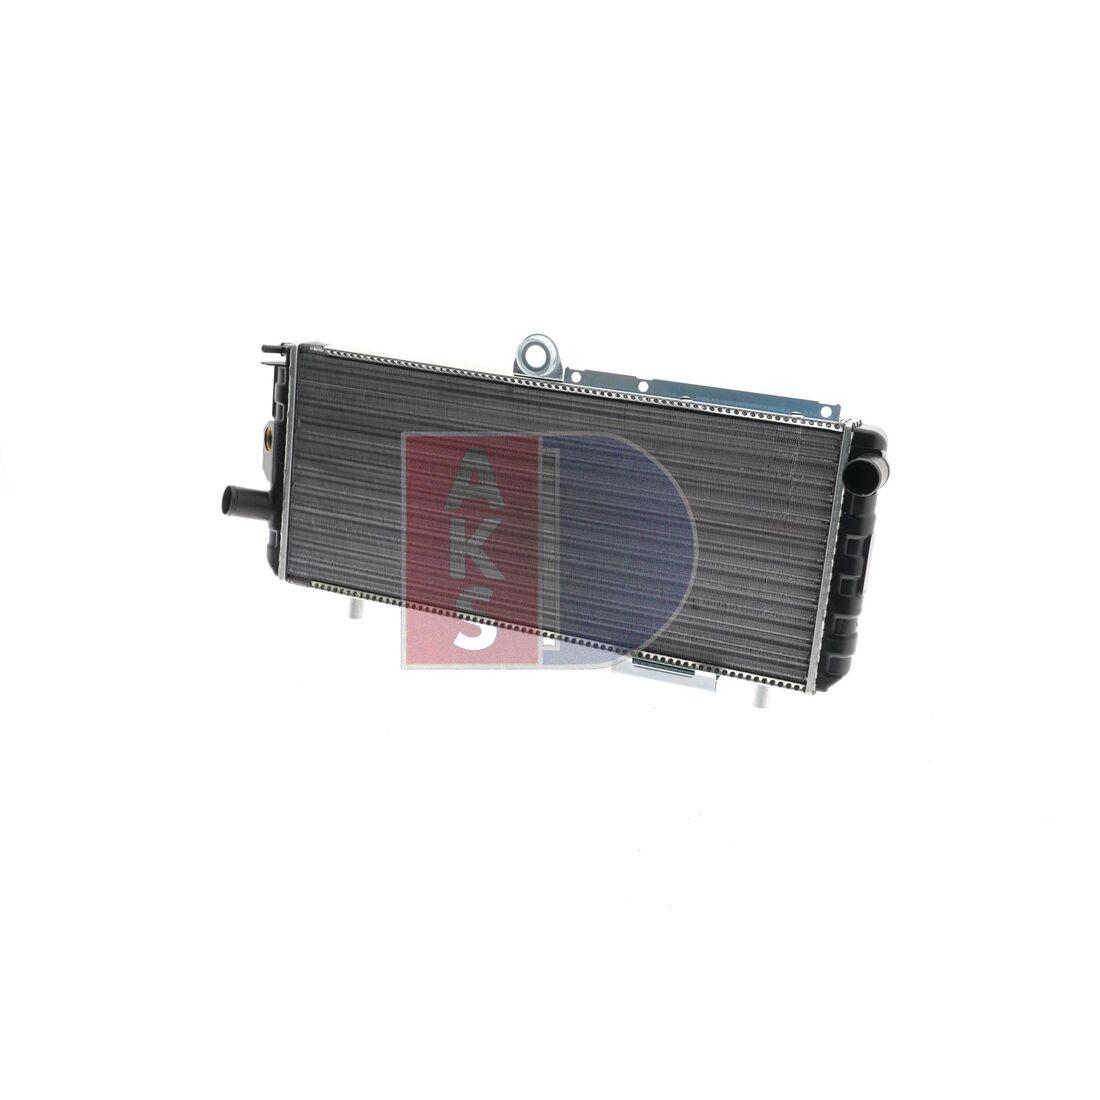 Kühler, Motorkühlung -- AKS DASIS, ALFA ROMEO, ALFASUD (901), 33...